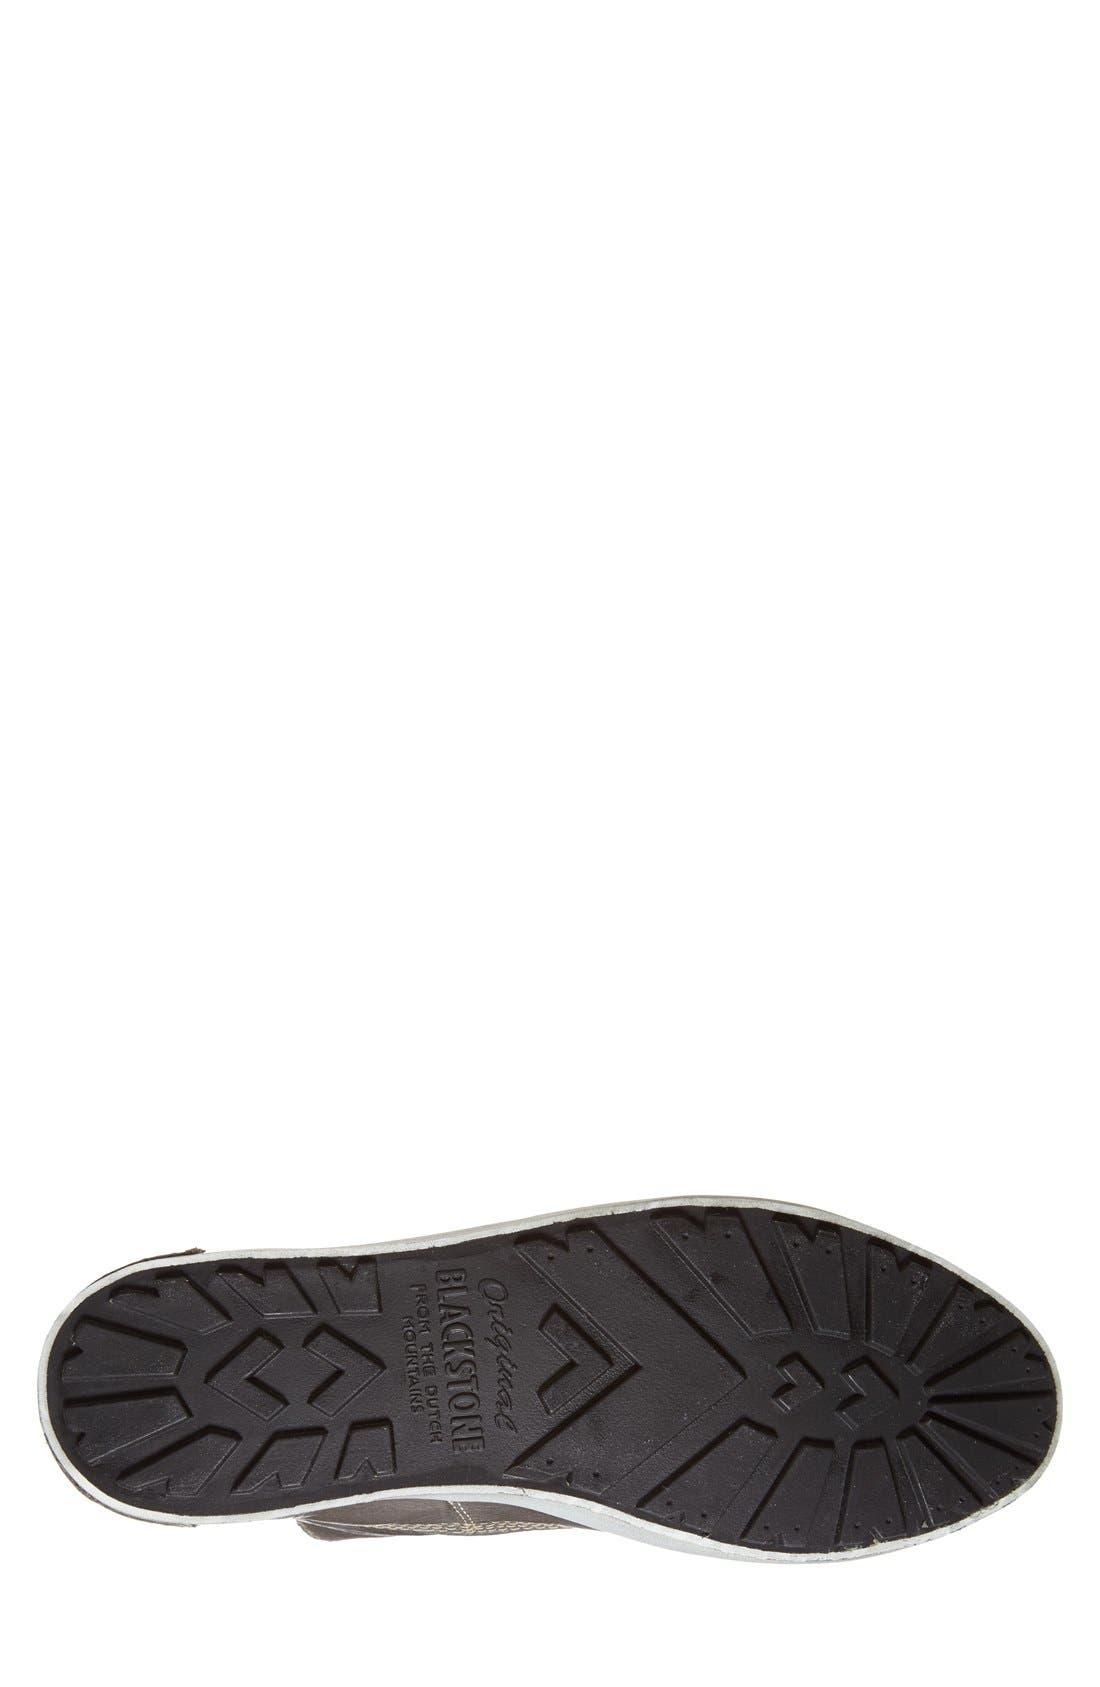 'JM04' Sneaker,                             Alternate thumbnail 4, color,                             081